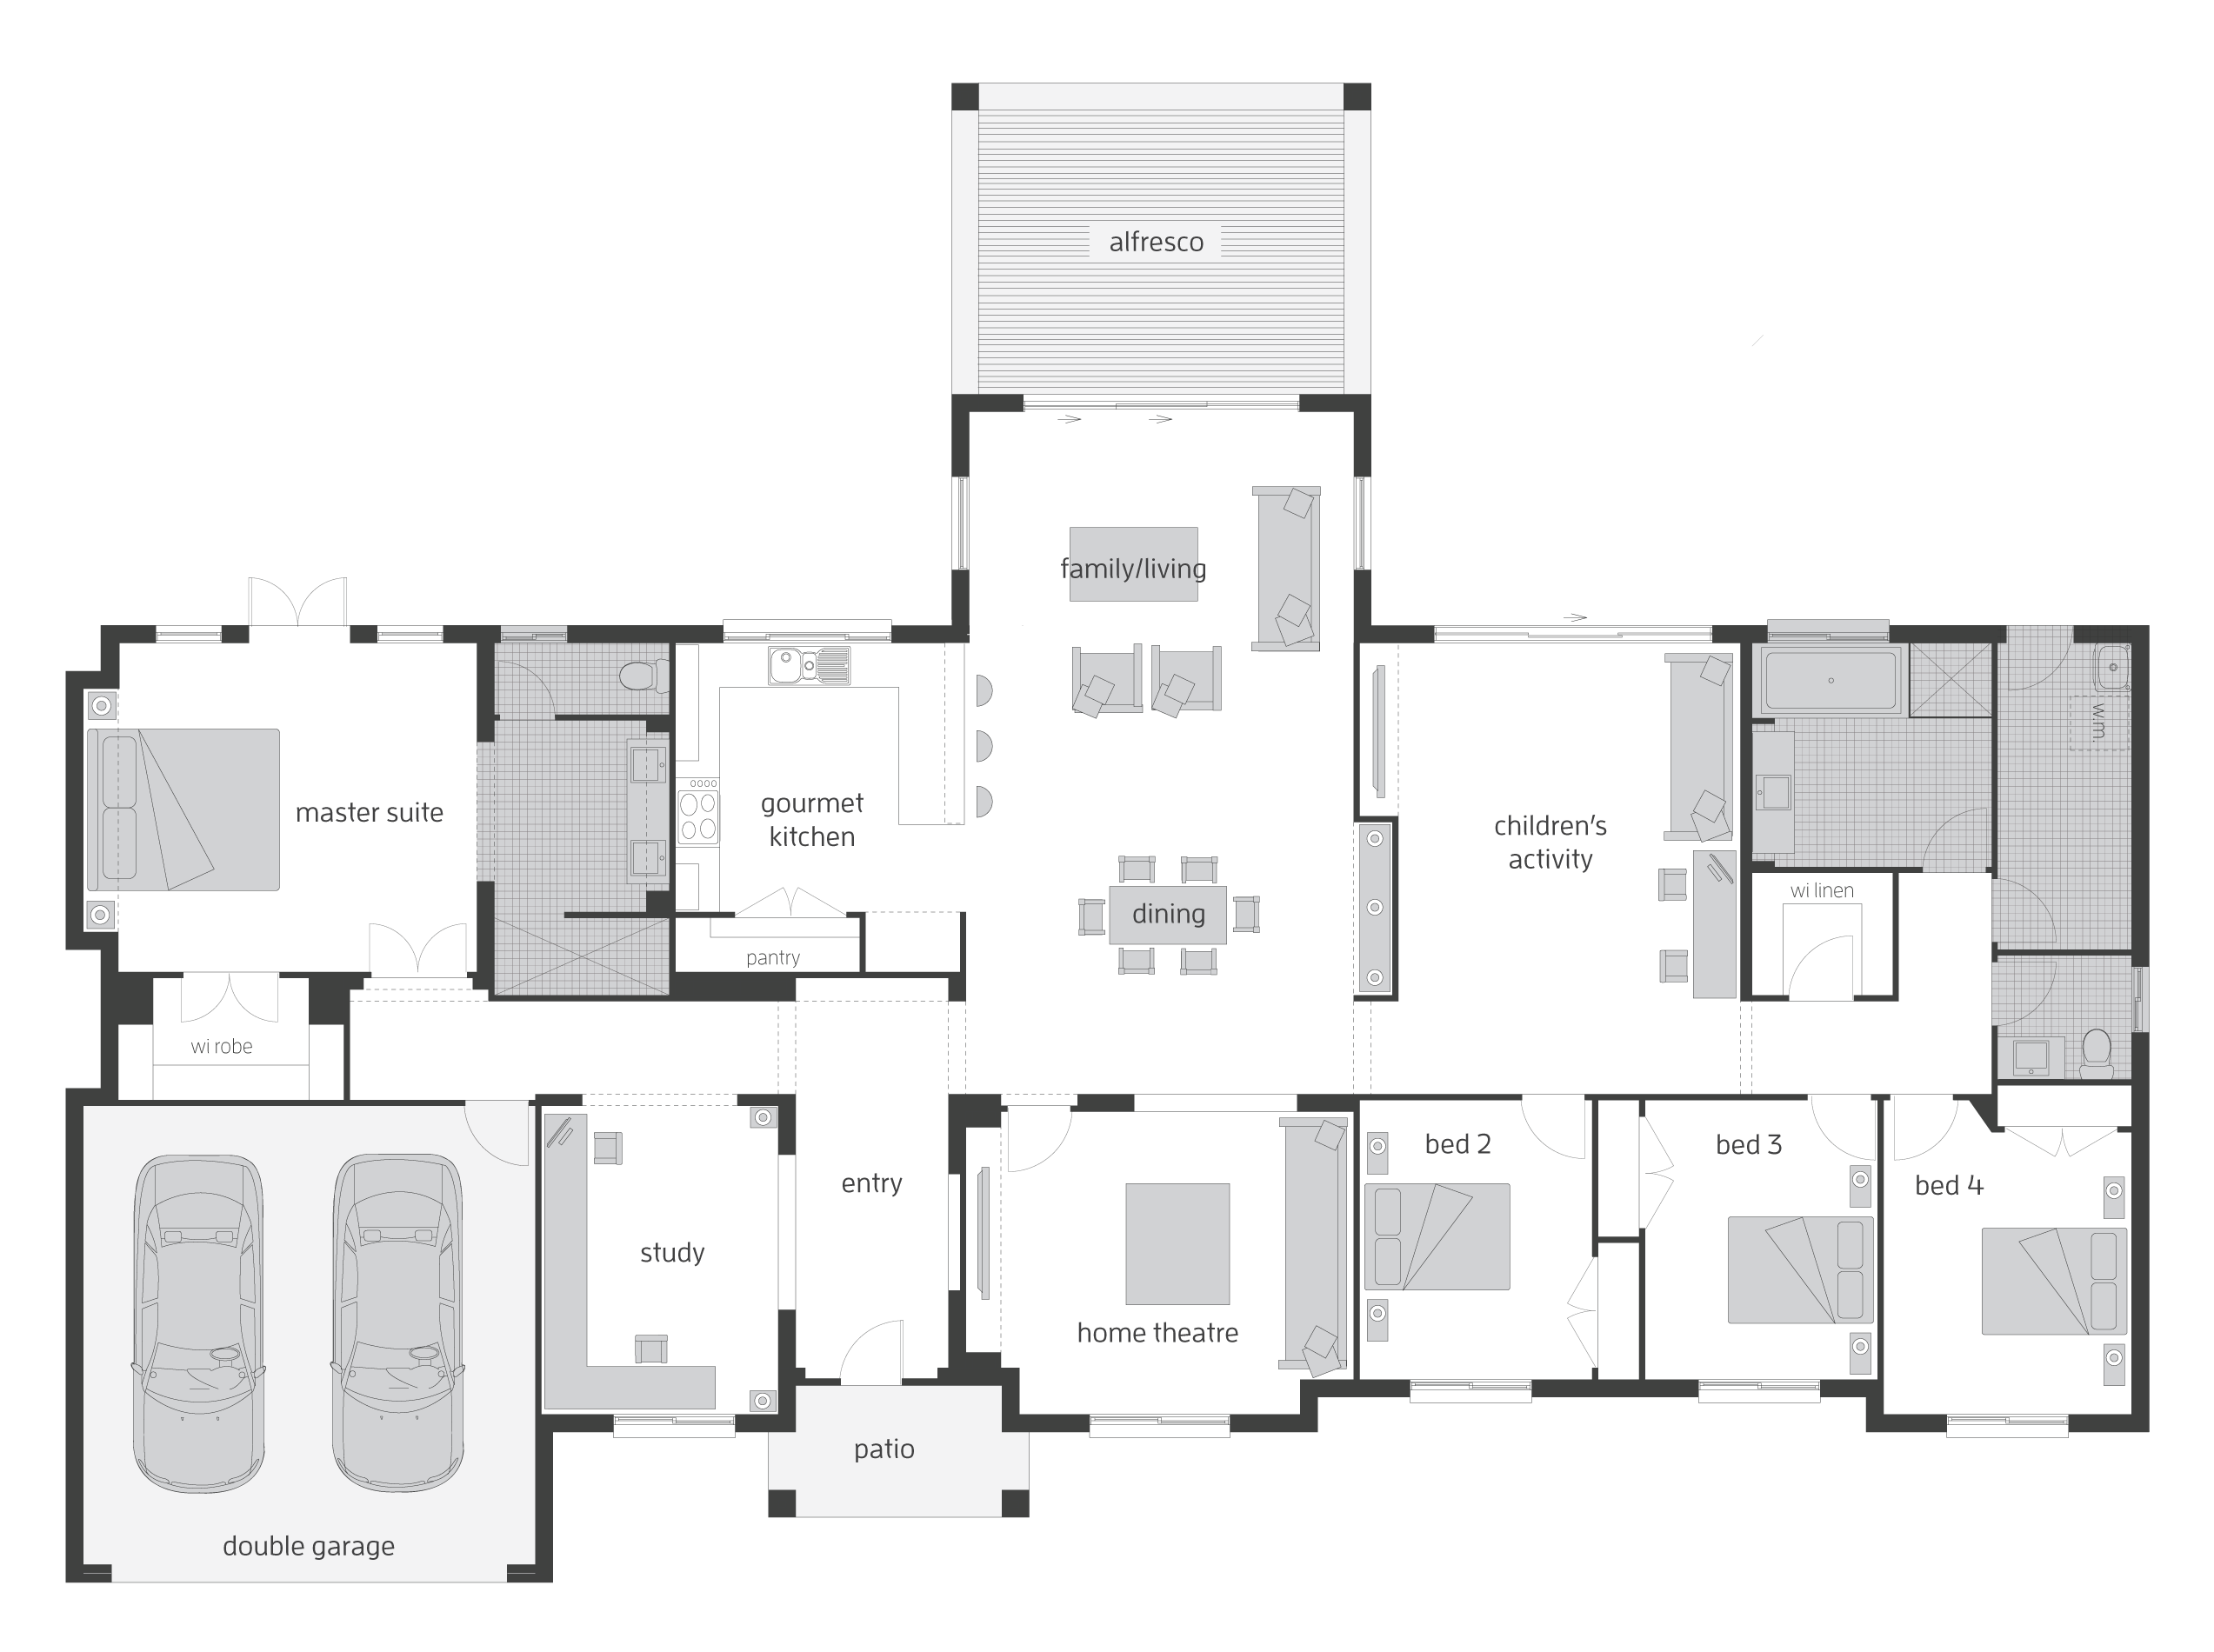 Mornington Floor Plan By Mcdonald Jones Exclusive To Queensland Floorplan Housedesigns